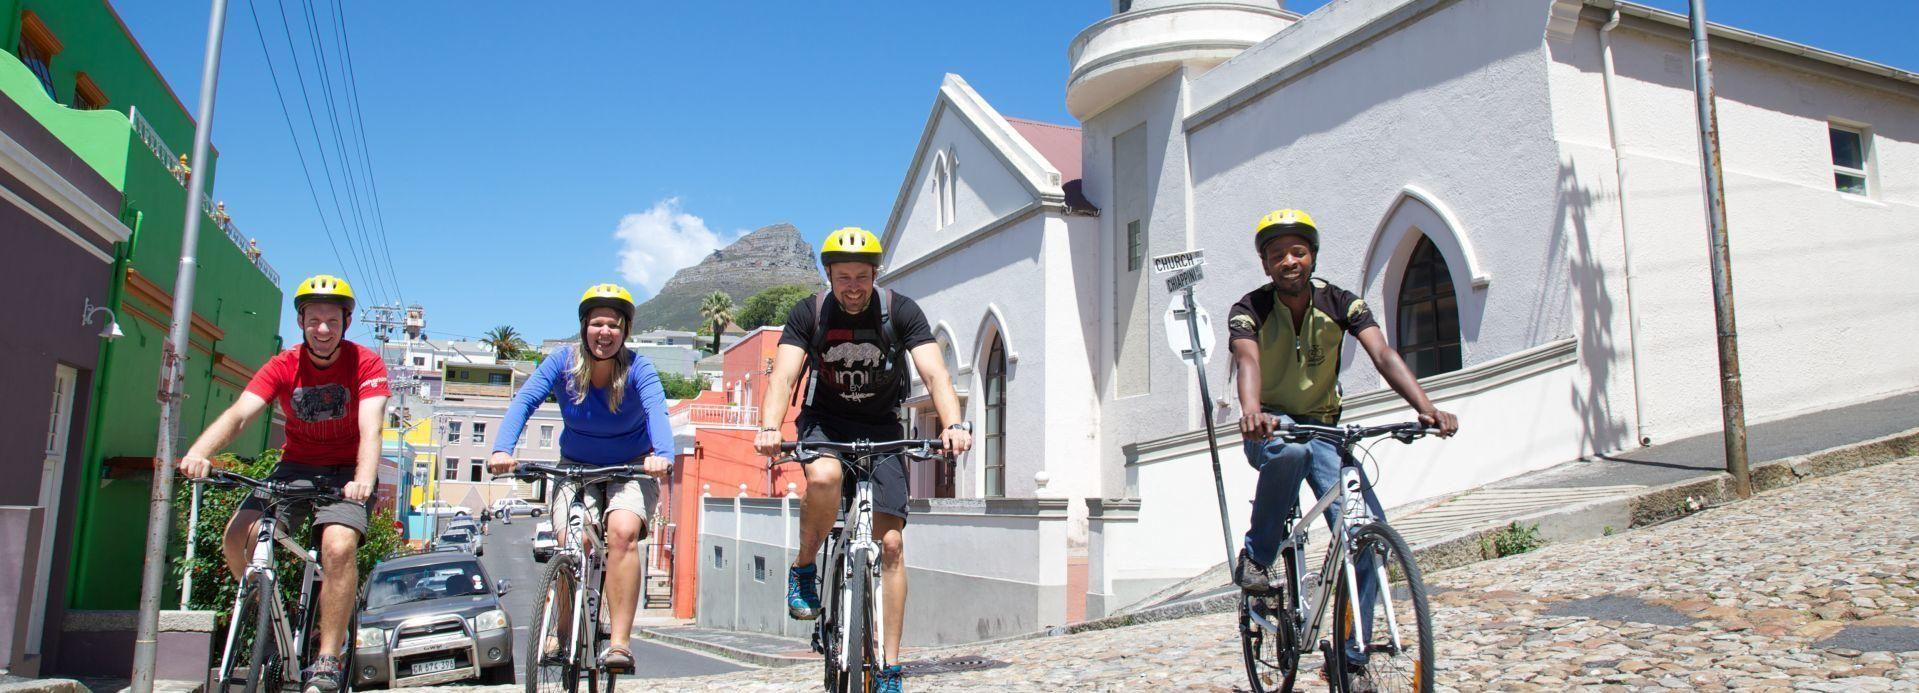 Kapstadt: 3-stündige Fahrradtour